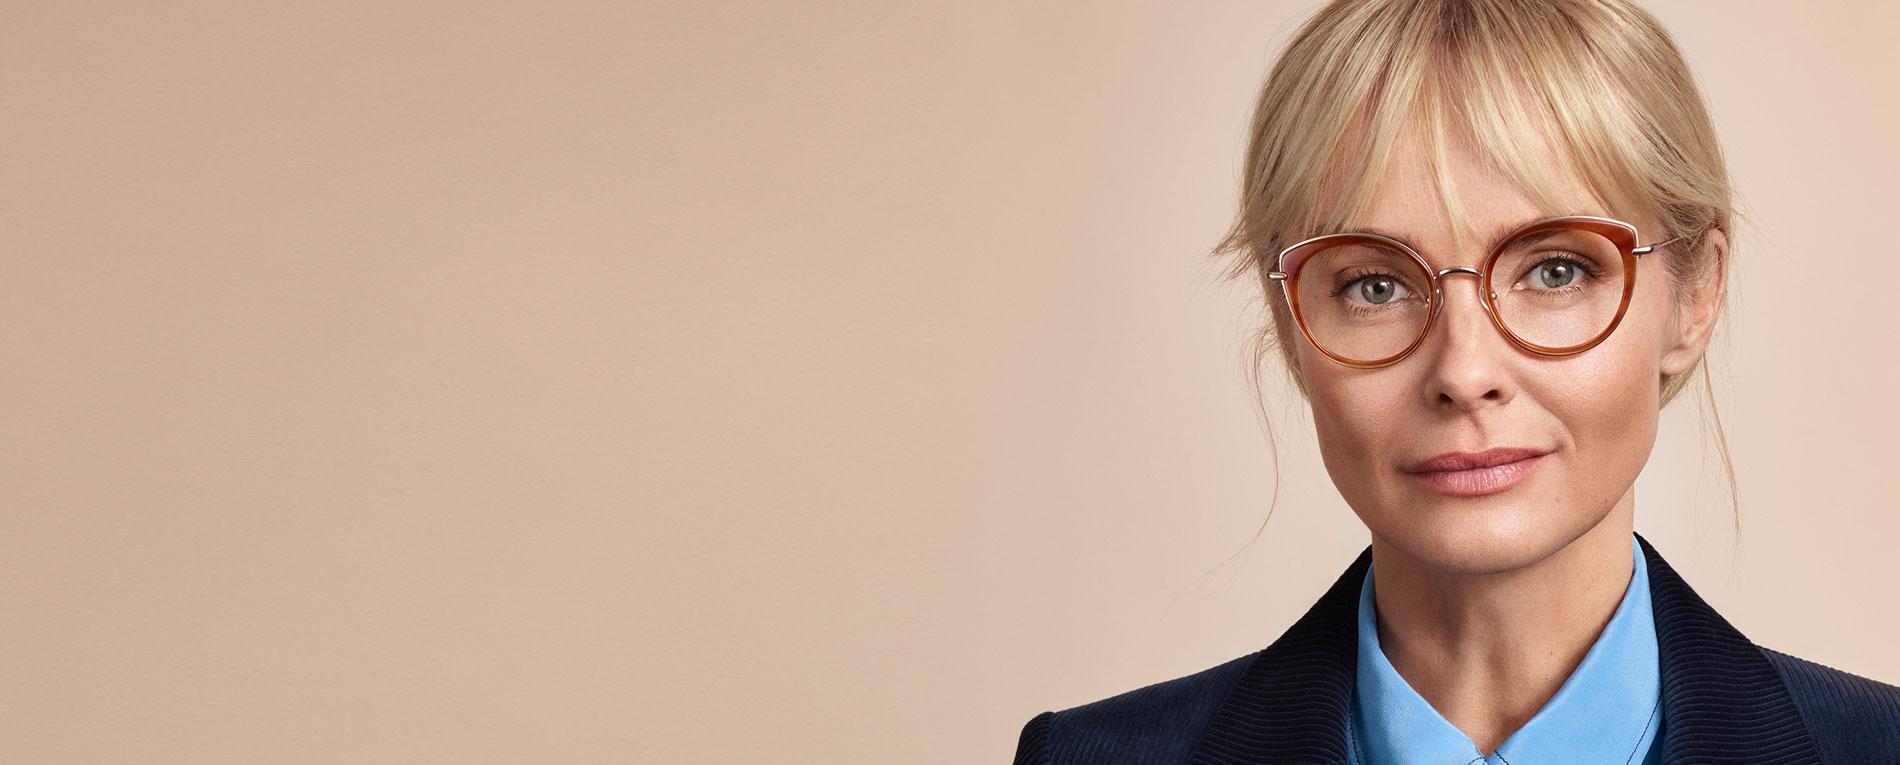 Designerbriller i høj kvalitet fra Smarteyes